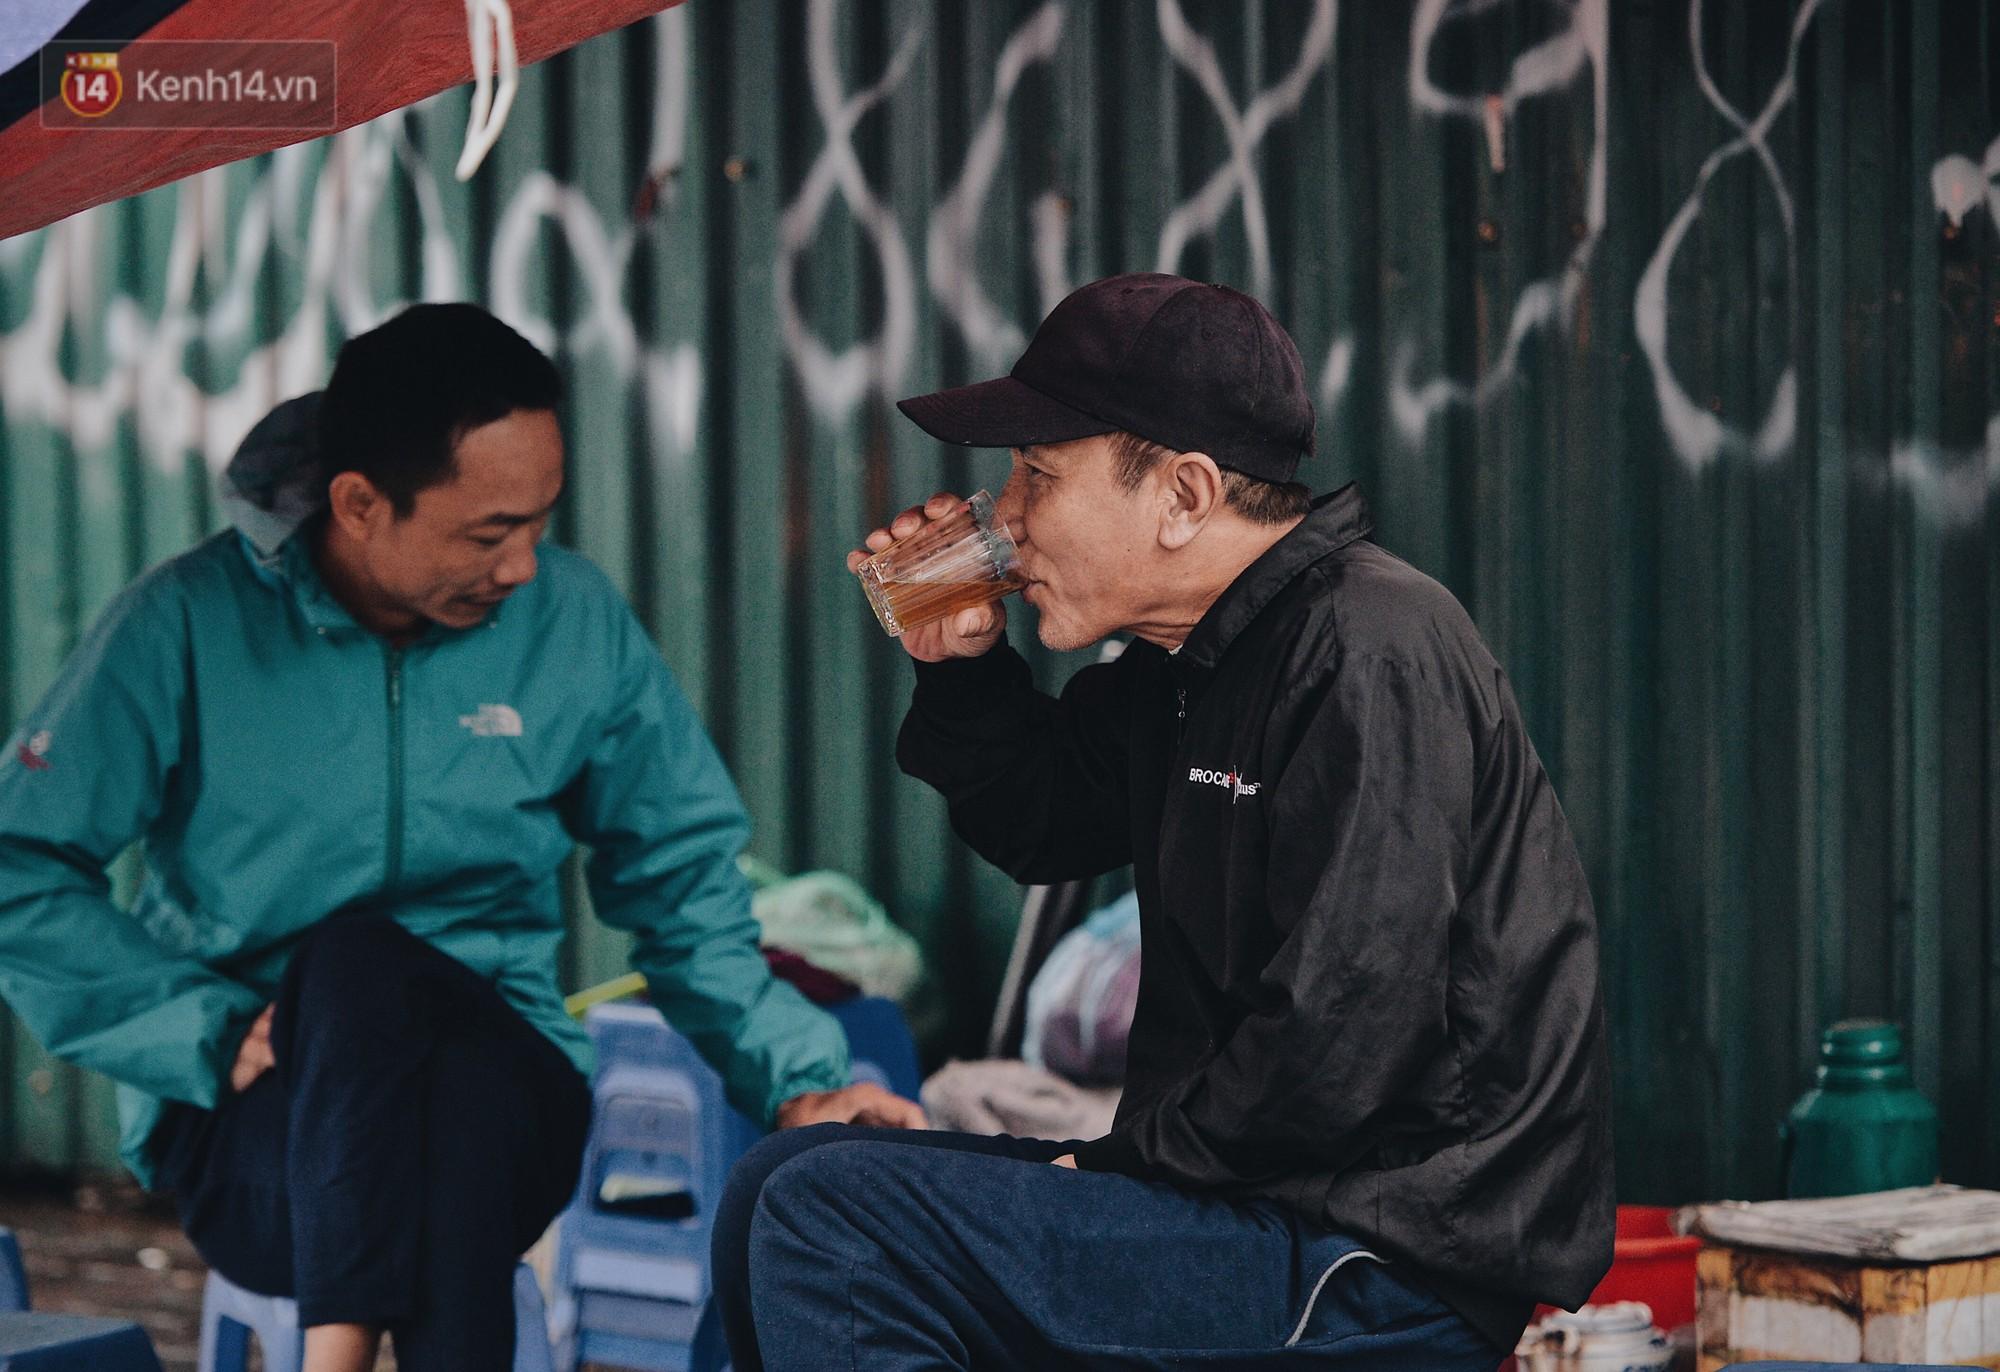 Chùm ảnh: Sau một đêm trở gió Hà Nội mưa lạnh xuống đến 17 độ C, người dân co ro ra đường - Ảnh 4.